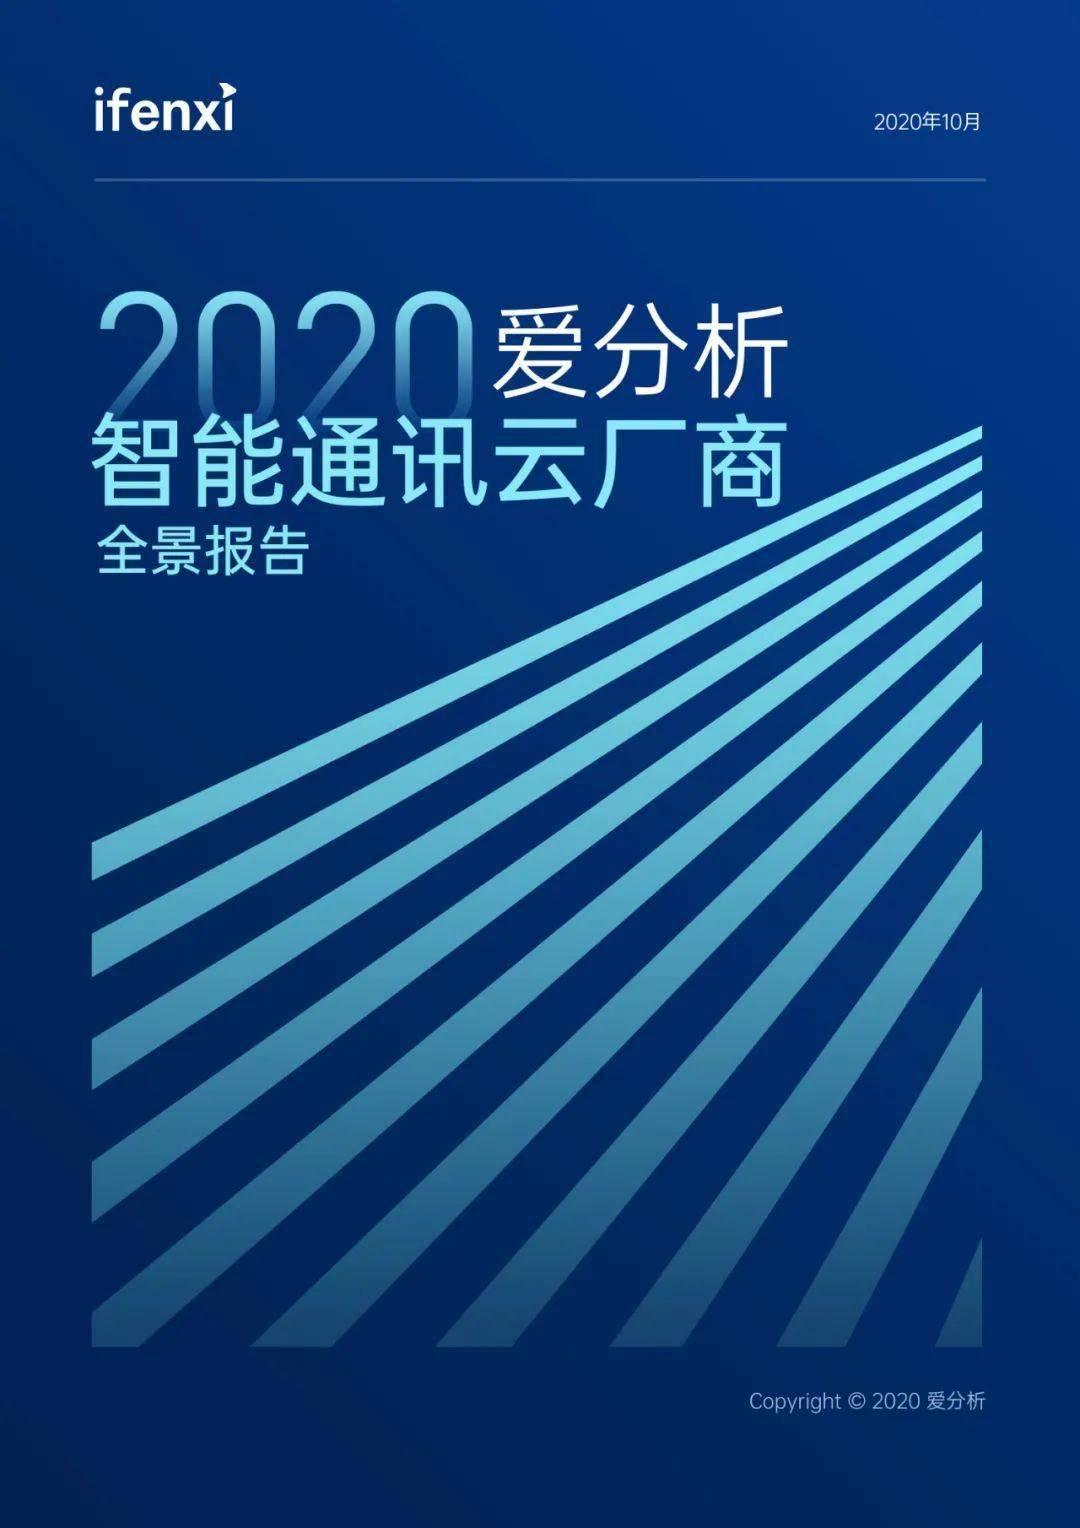 2020爱分析·智能通讯云厂商全景报告 | 爱分析报告